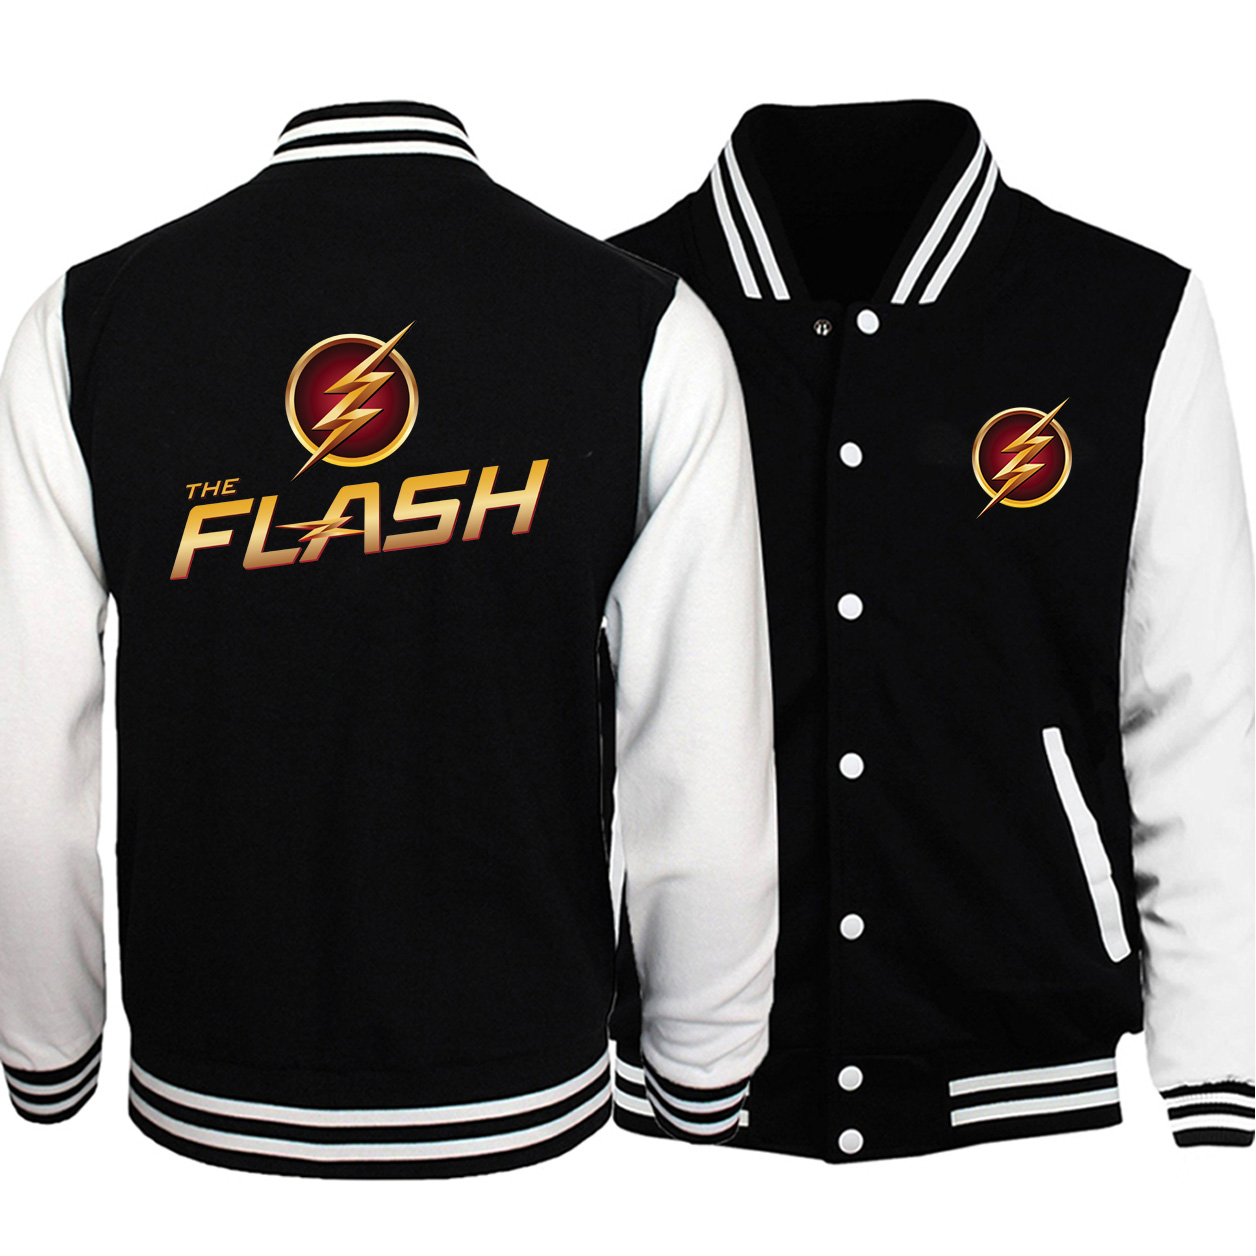 Il Flash uniforme Da Baseball Supereroe Barry Allen Uomini Giacca Giubbotti STELLA Del Cappotto 2019 di Autunno In Pile Supereroe Sportswear Streetwear